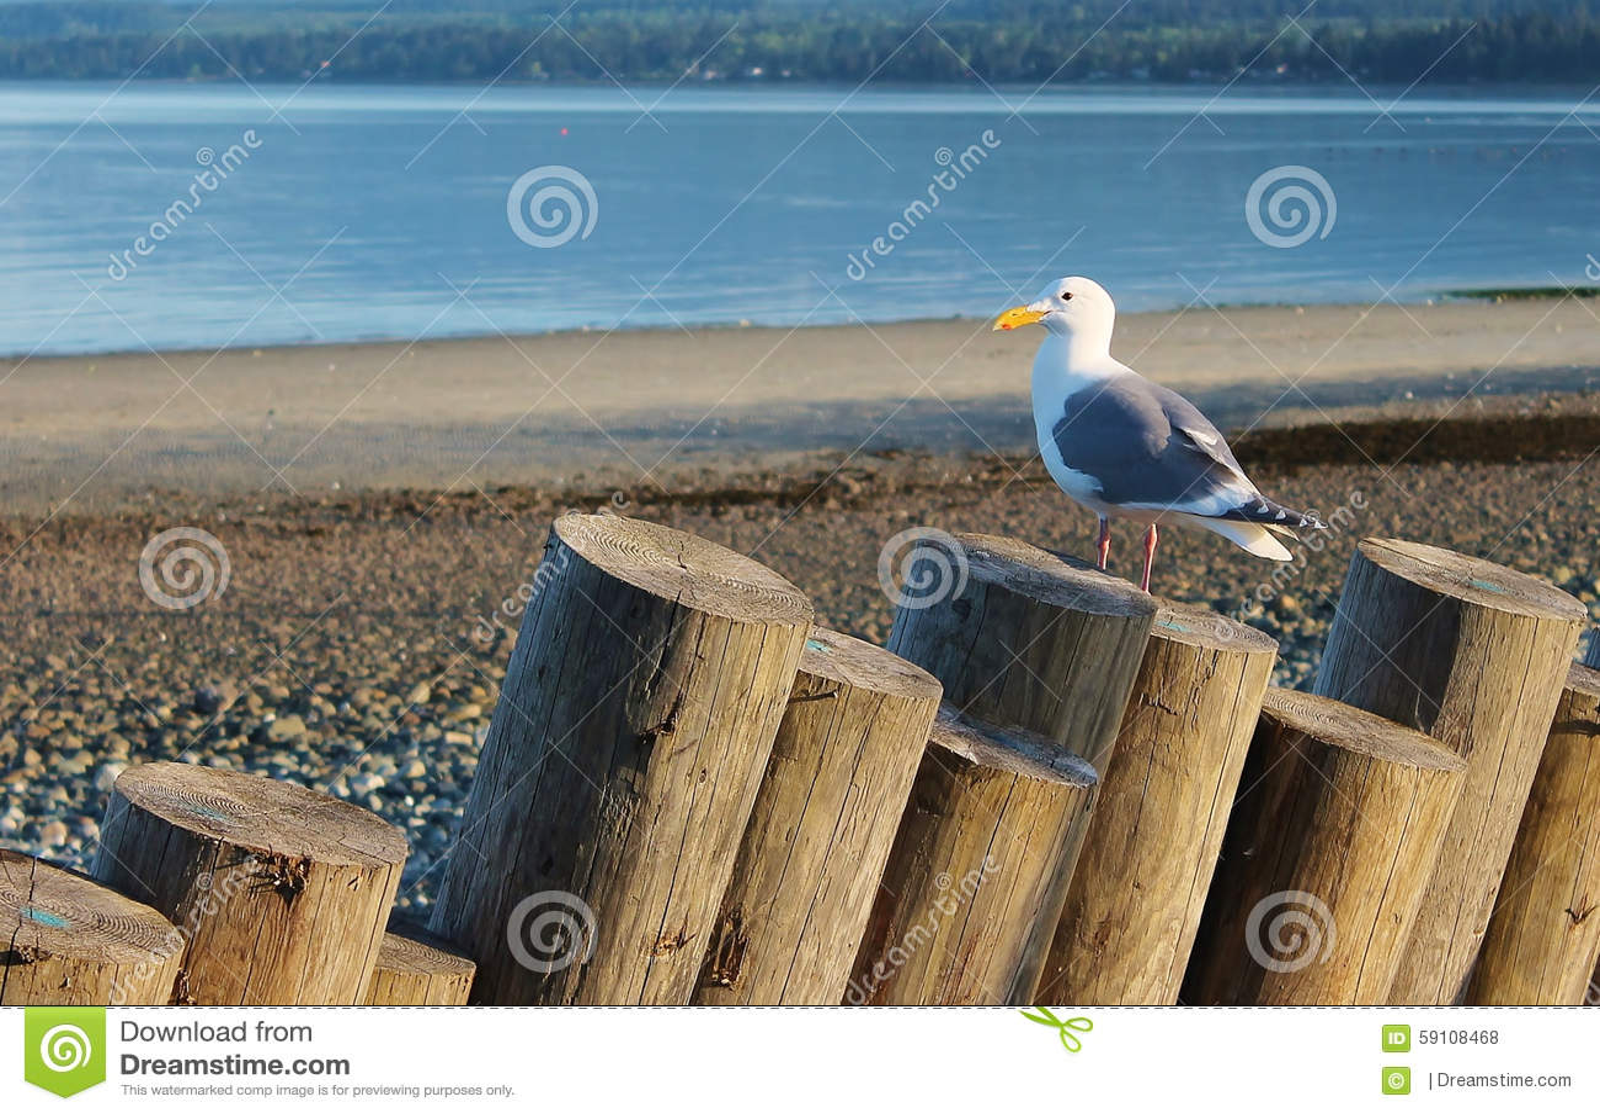 海鸥坐漂流木头